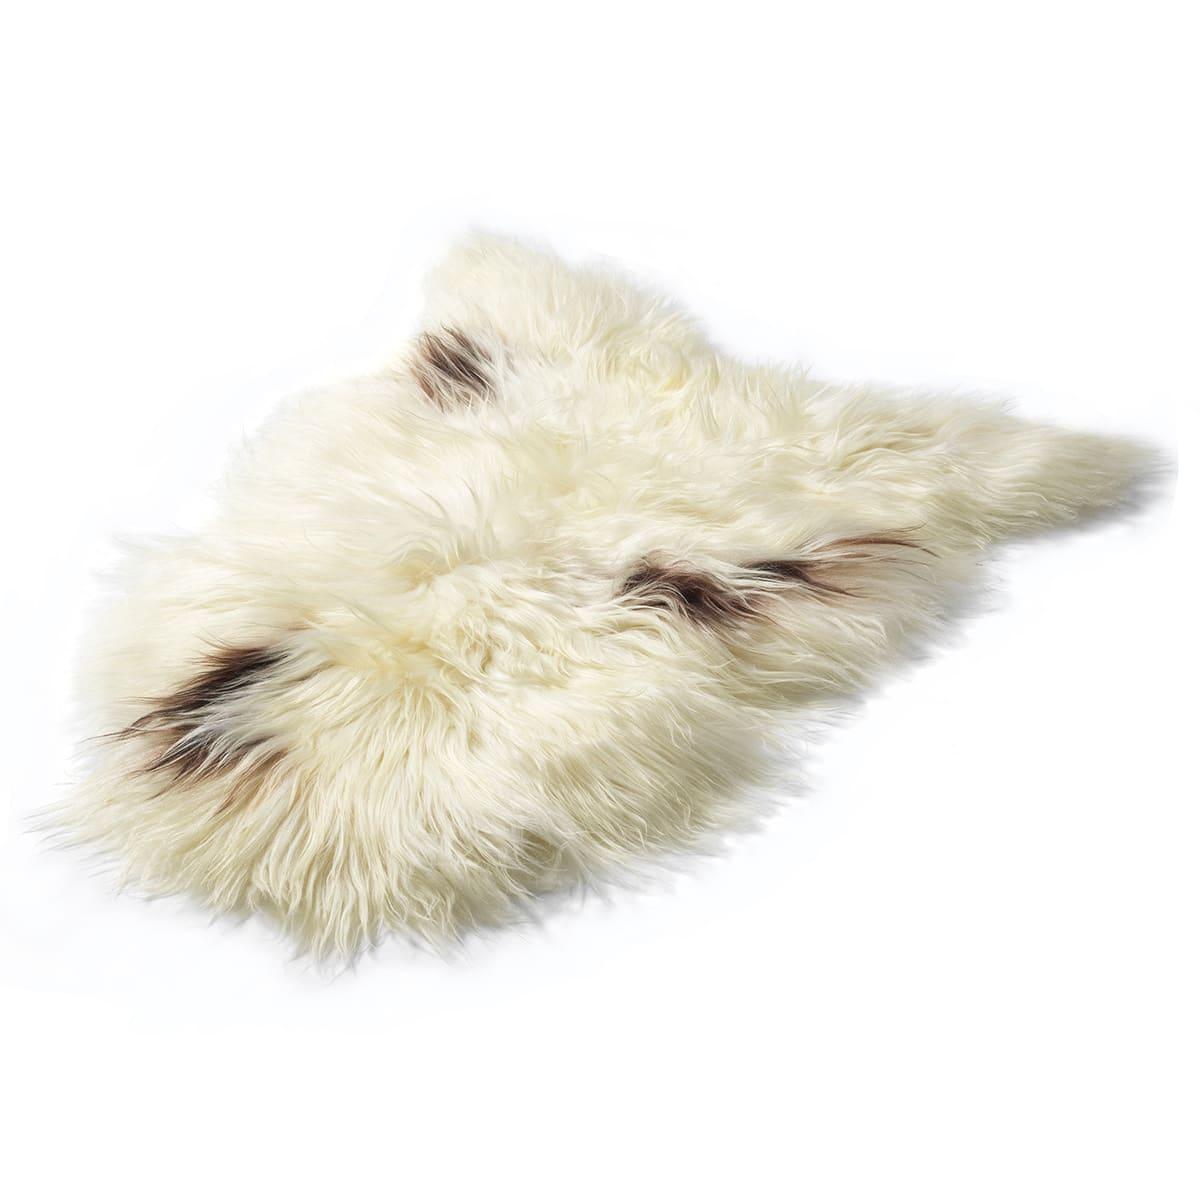 Langhåret lammeskind med naturligt farvespil